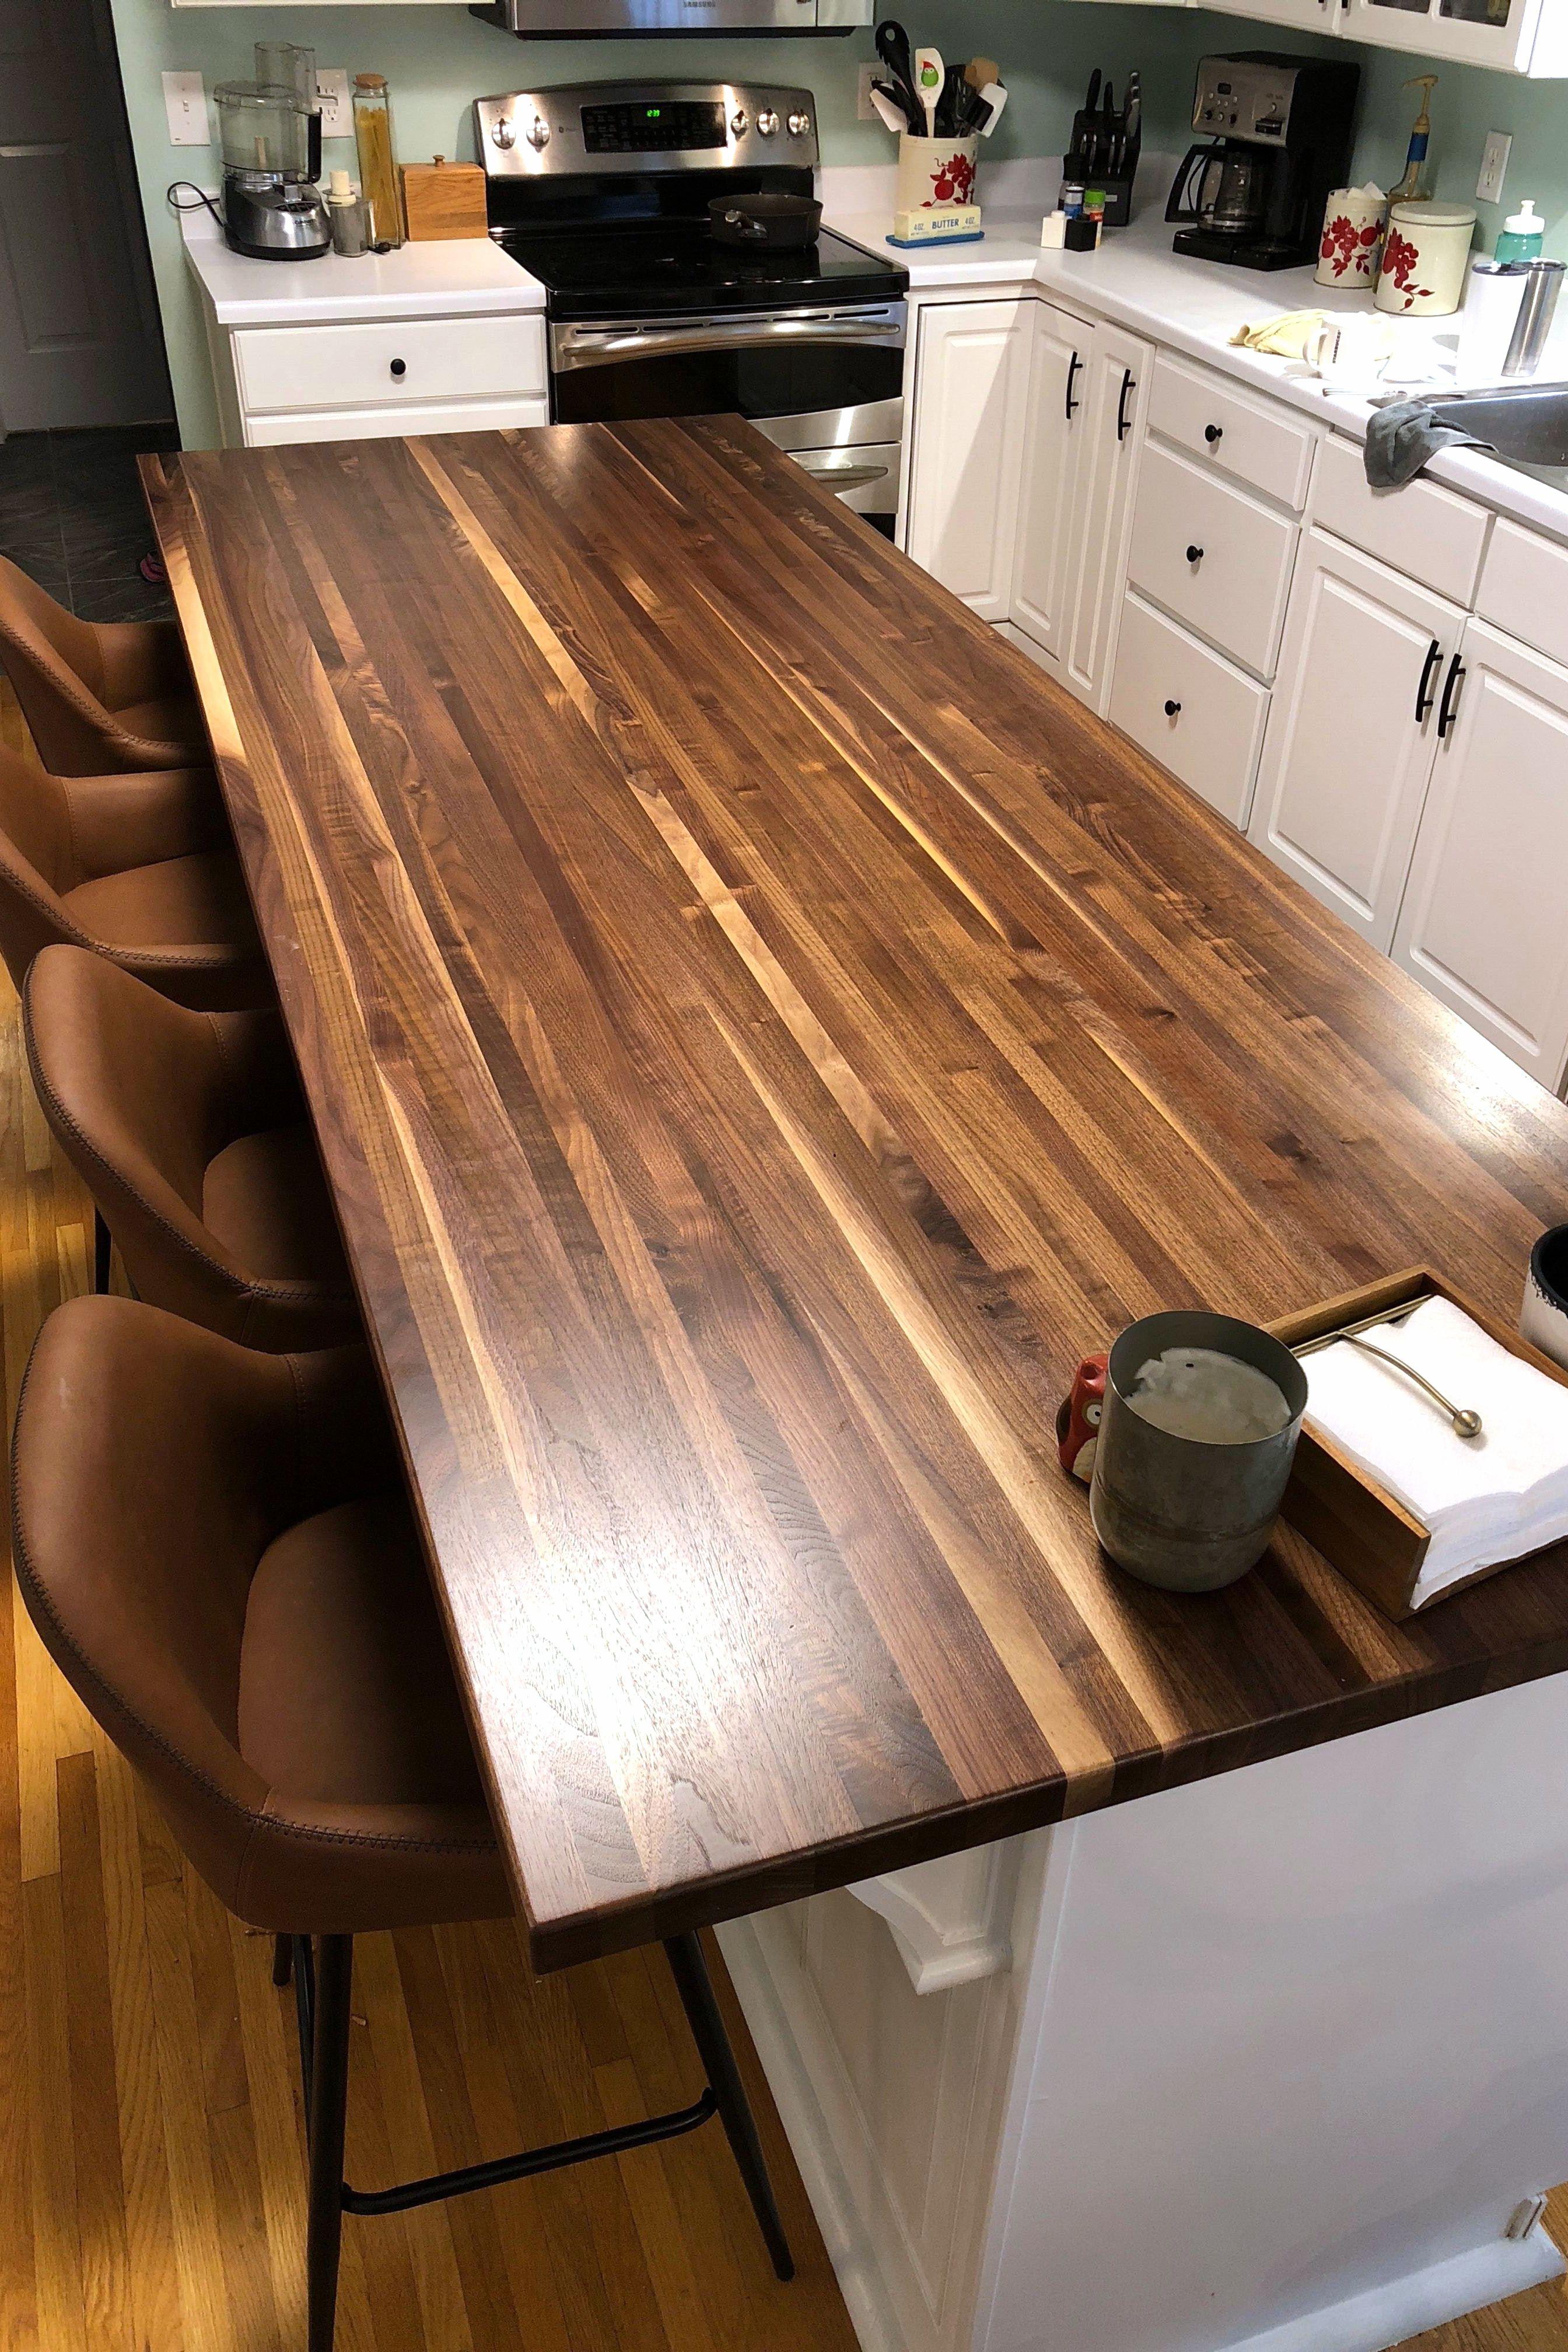 Rustic Walnut Edge Grain Butcher Block Countertop In 2020 Wood